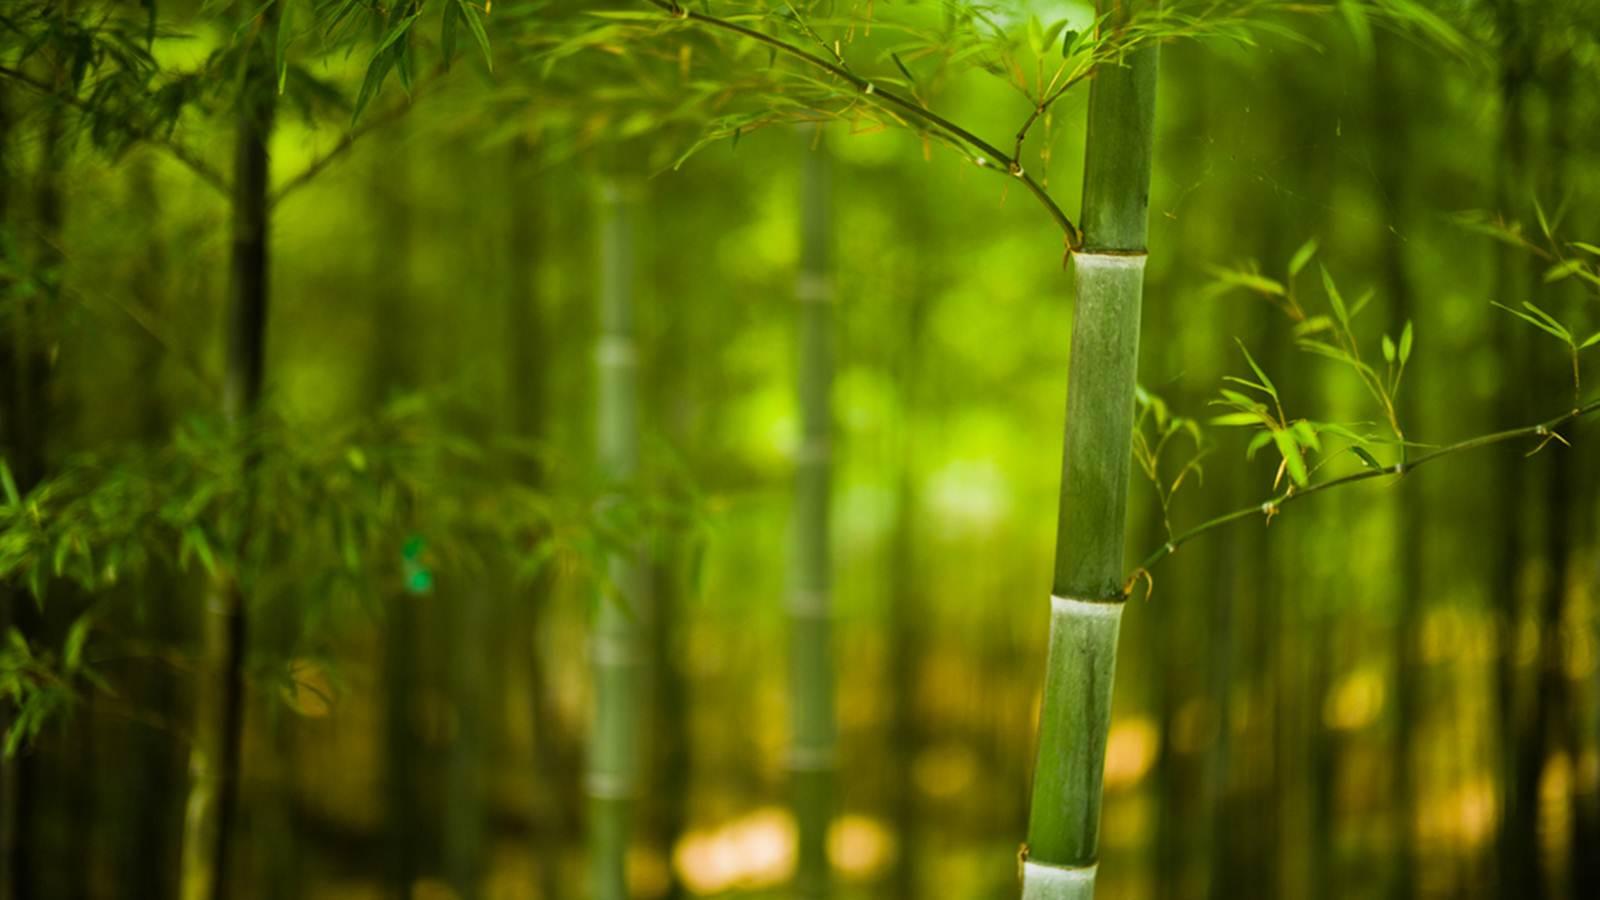 Lịch sử và ý nghĩa của cây tre trong văn hóa Việt Nam